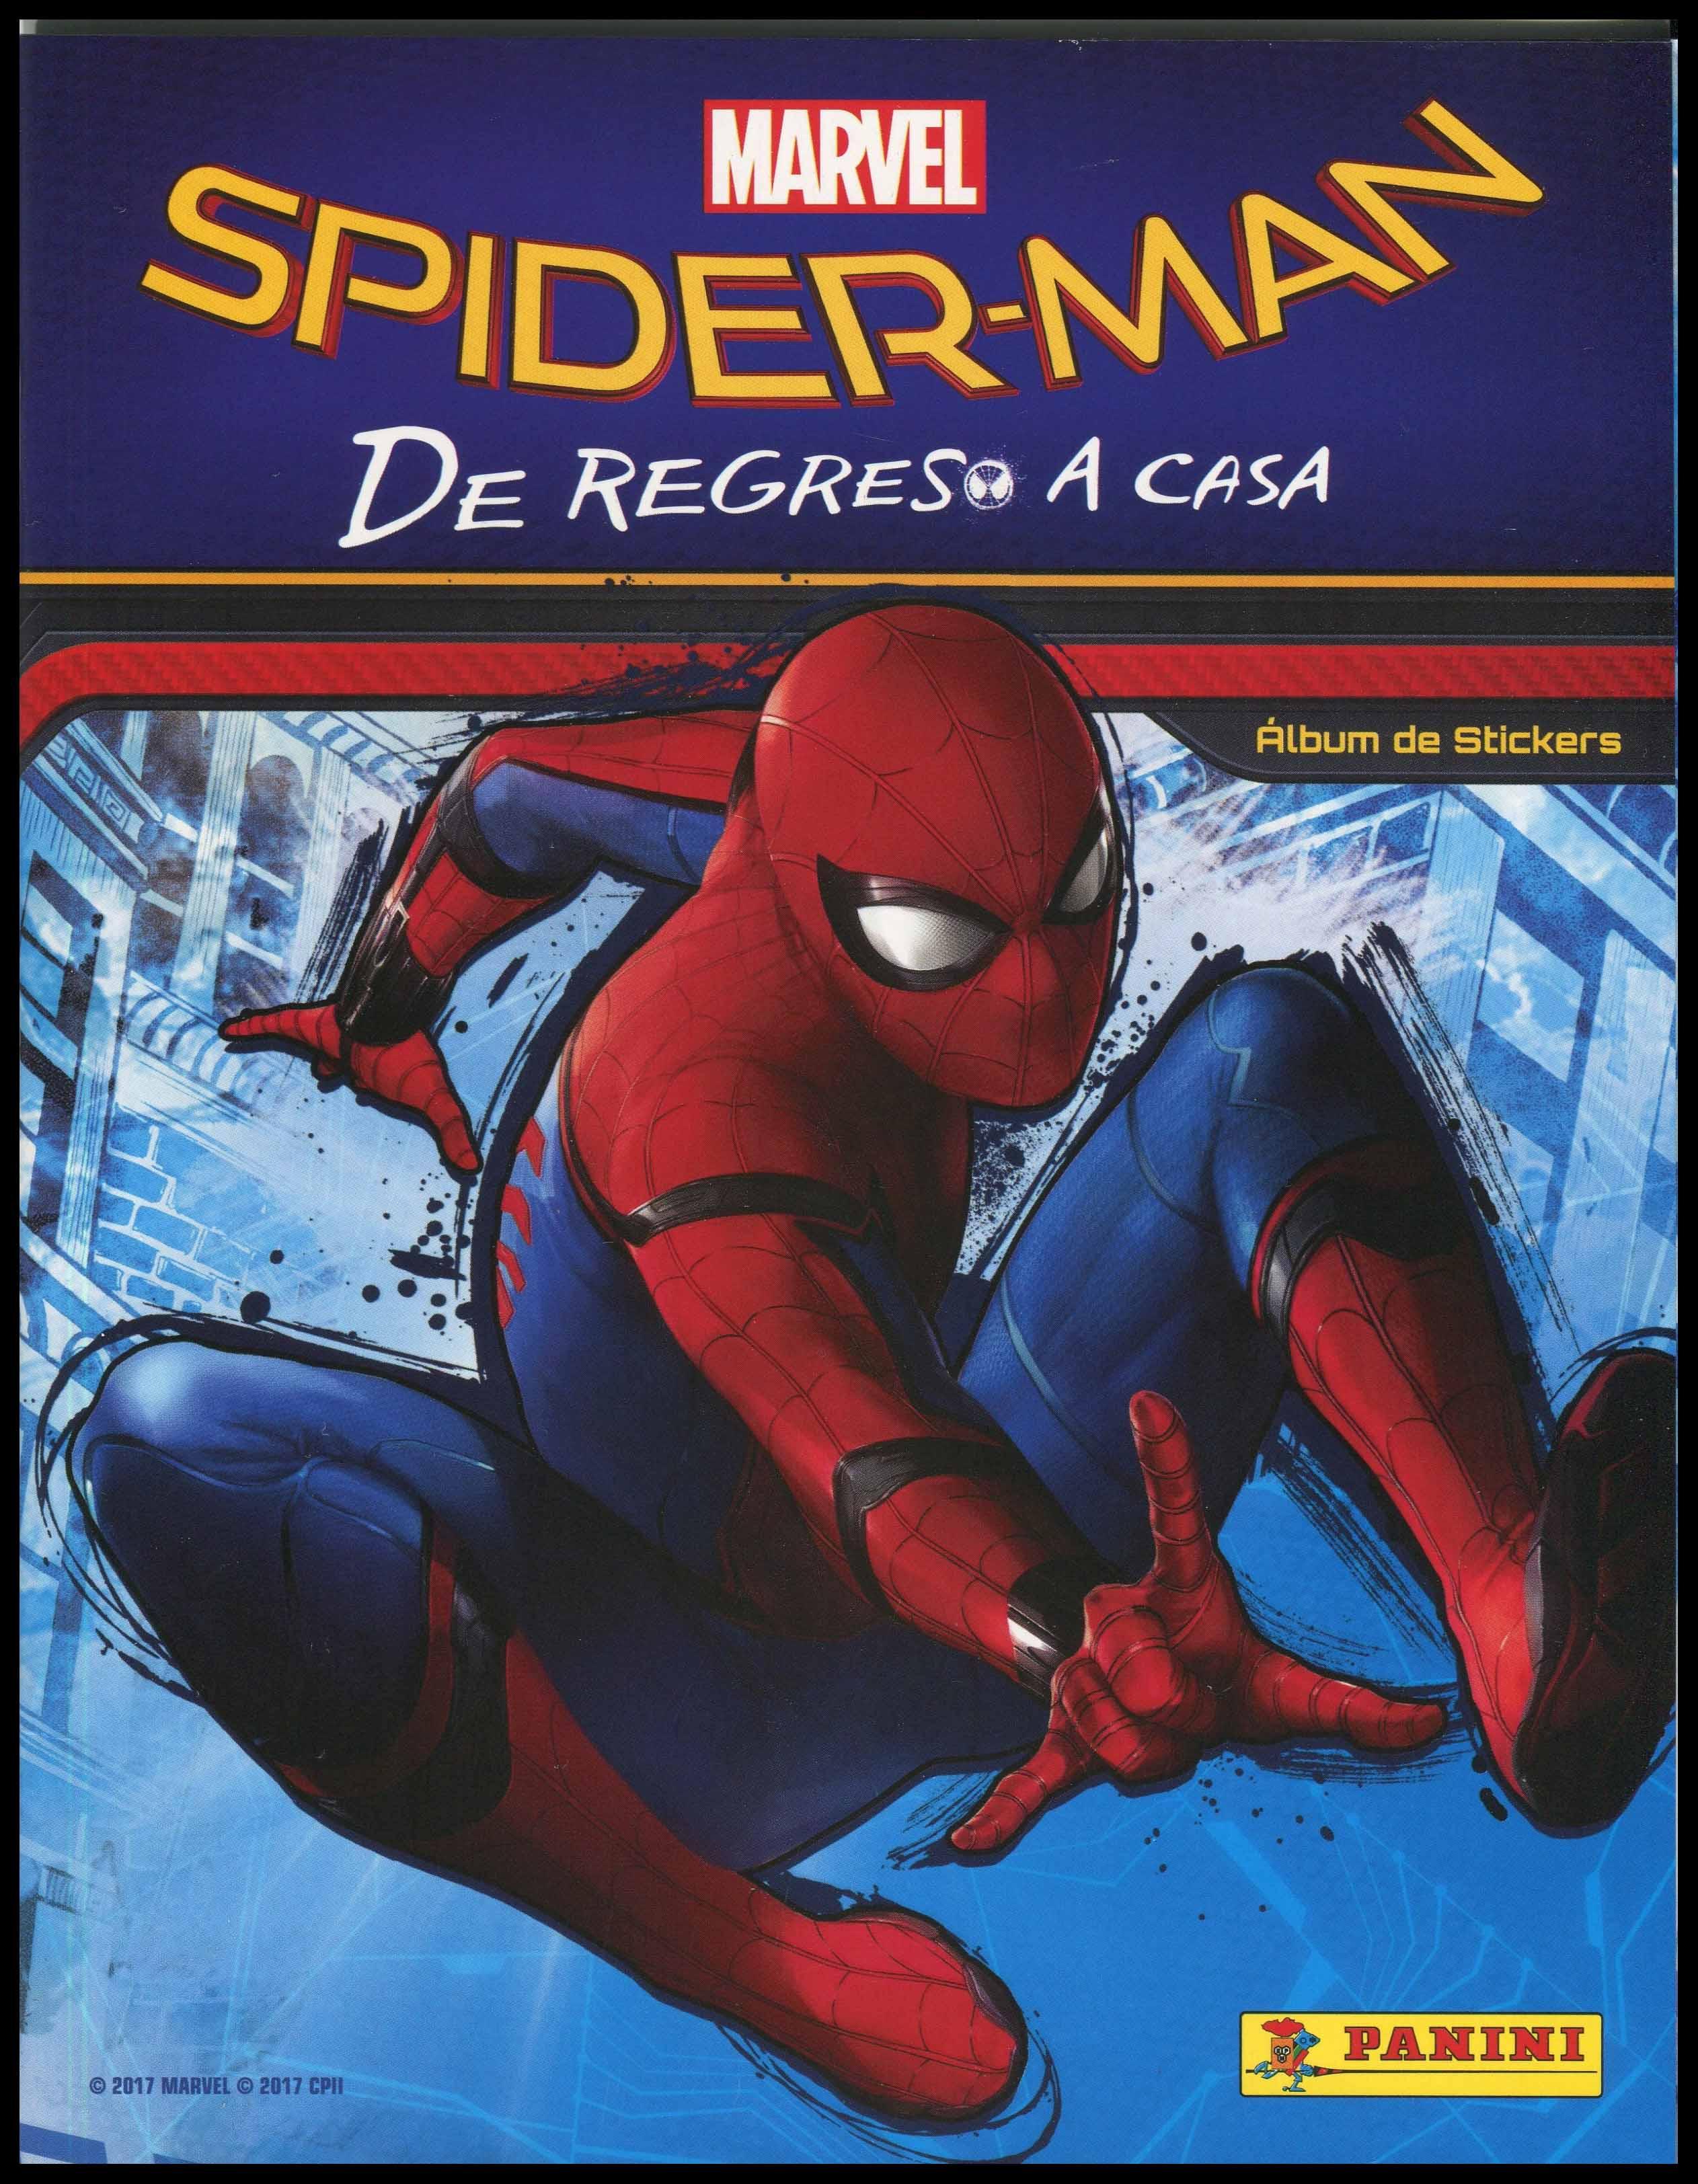 Spider-Man de Regreso a Casa